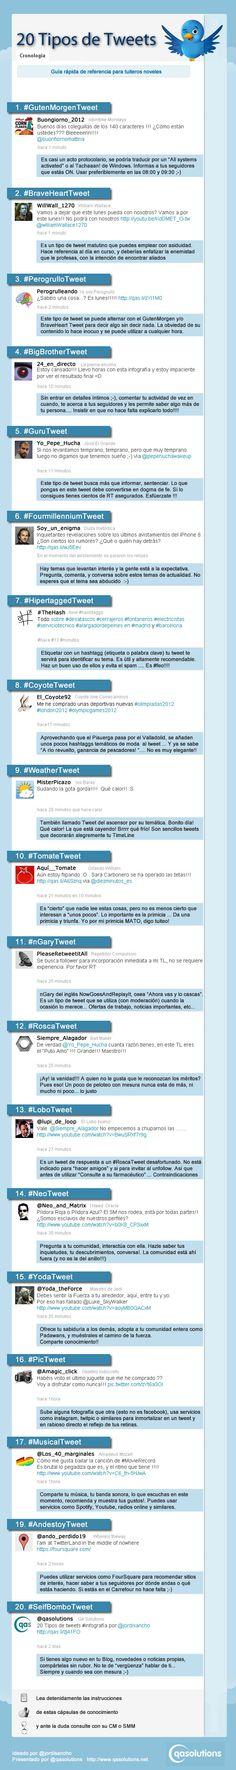 20 Tipos de Tweets [ infographic ]